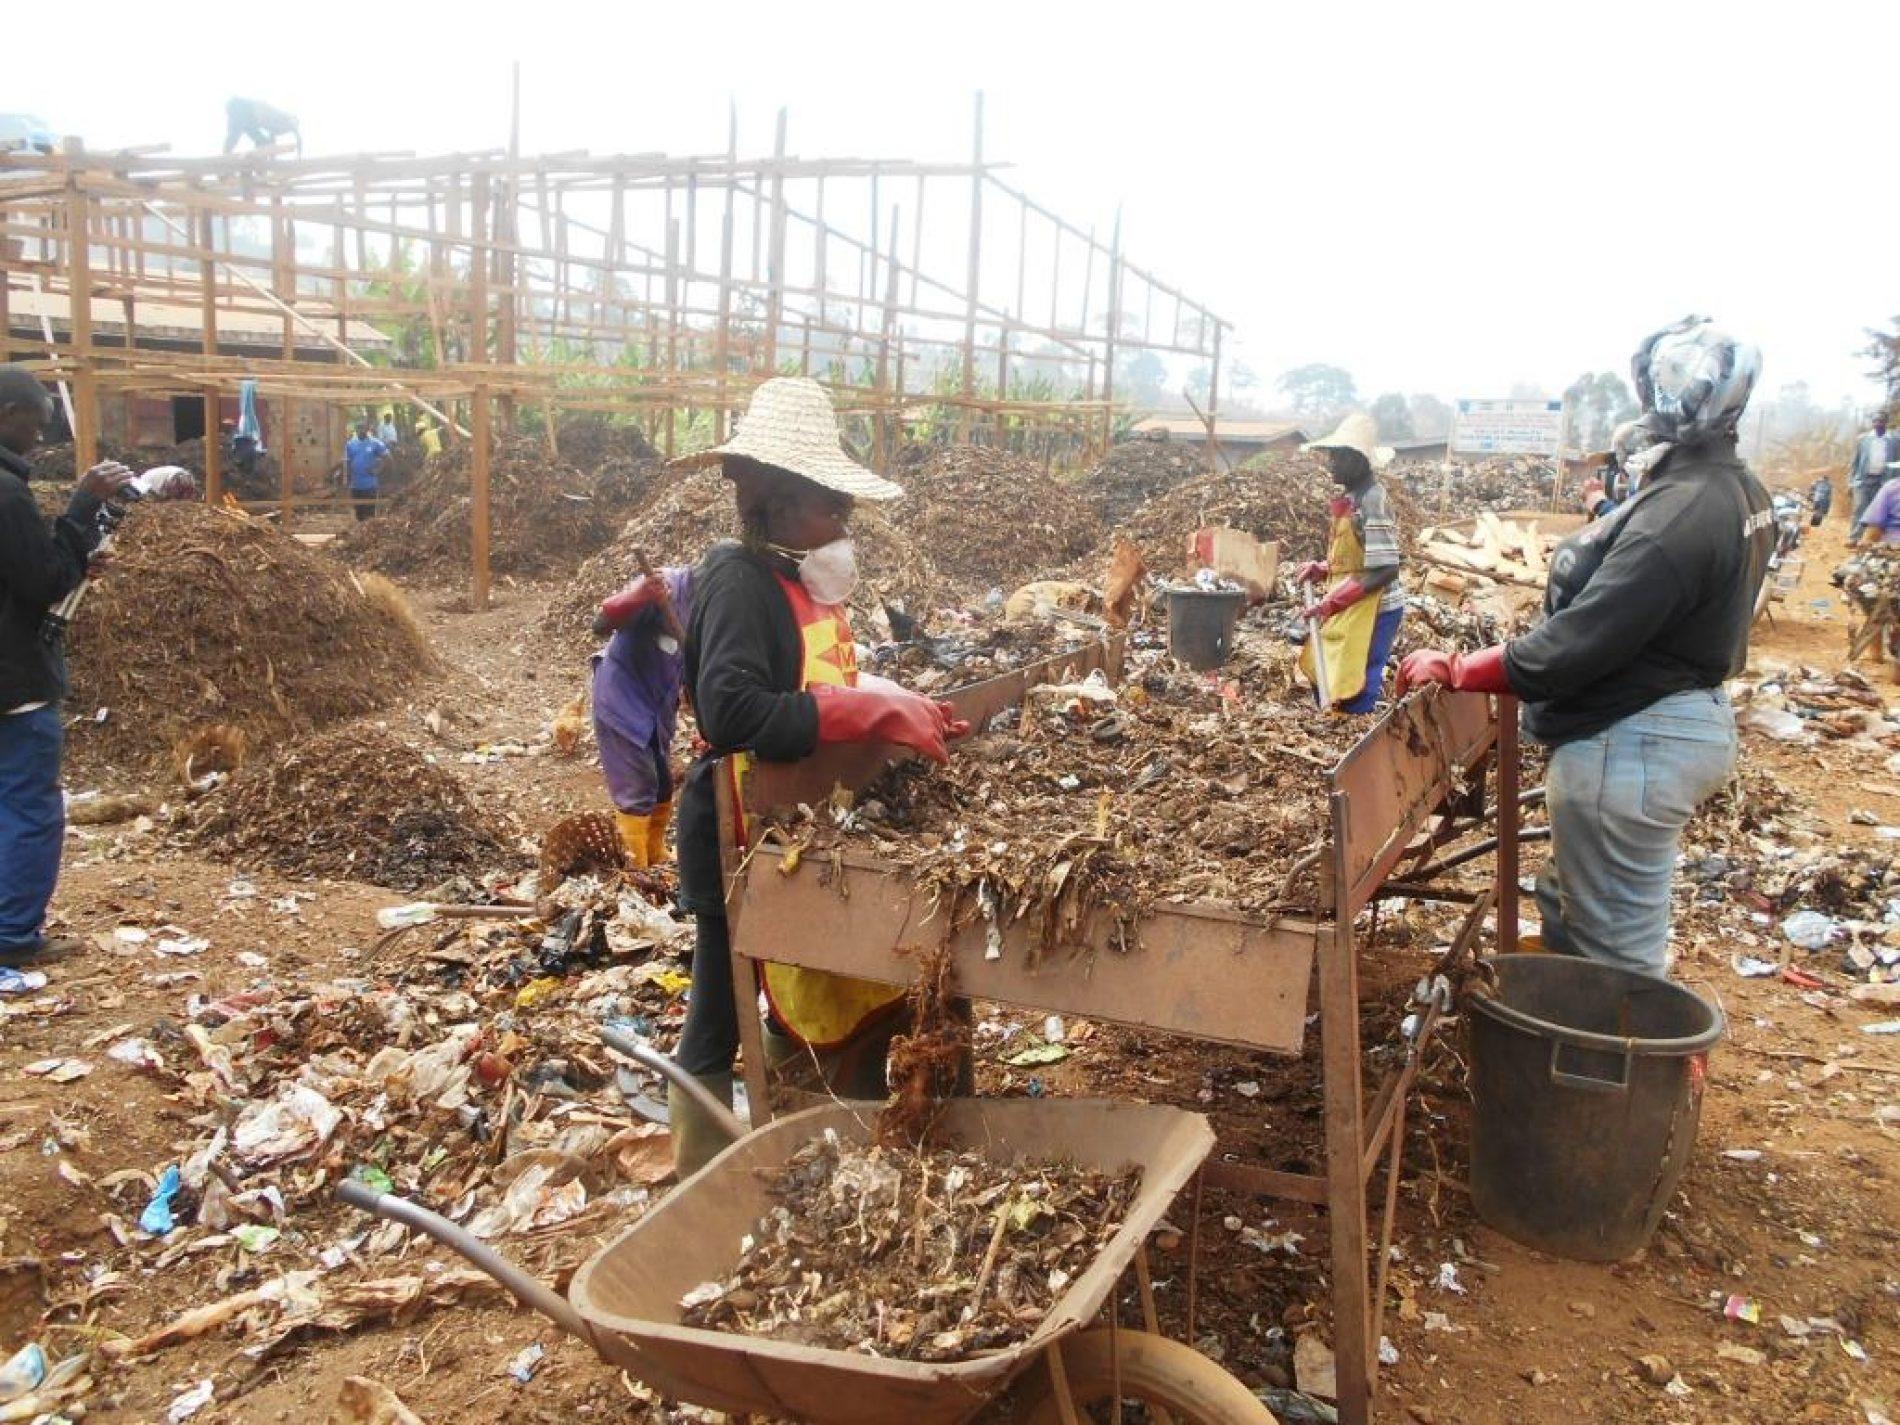 Commune de Dschang : L'extraction  des biogaz envisagée comme réponse aux déchets ménagers